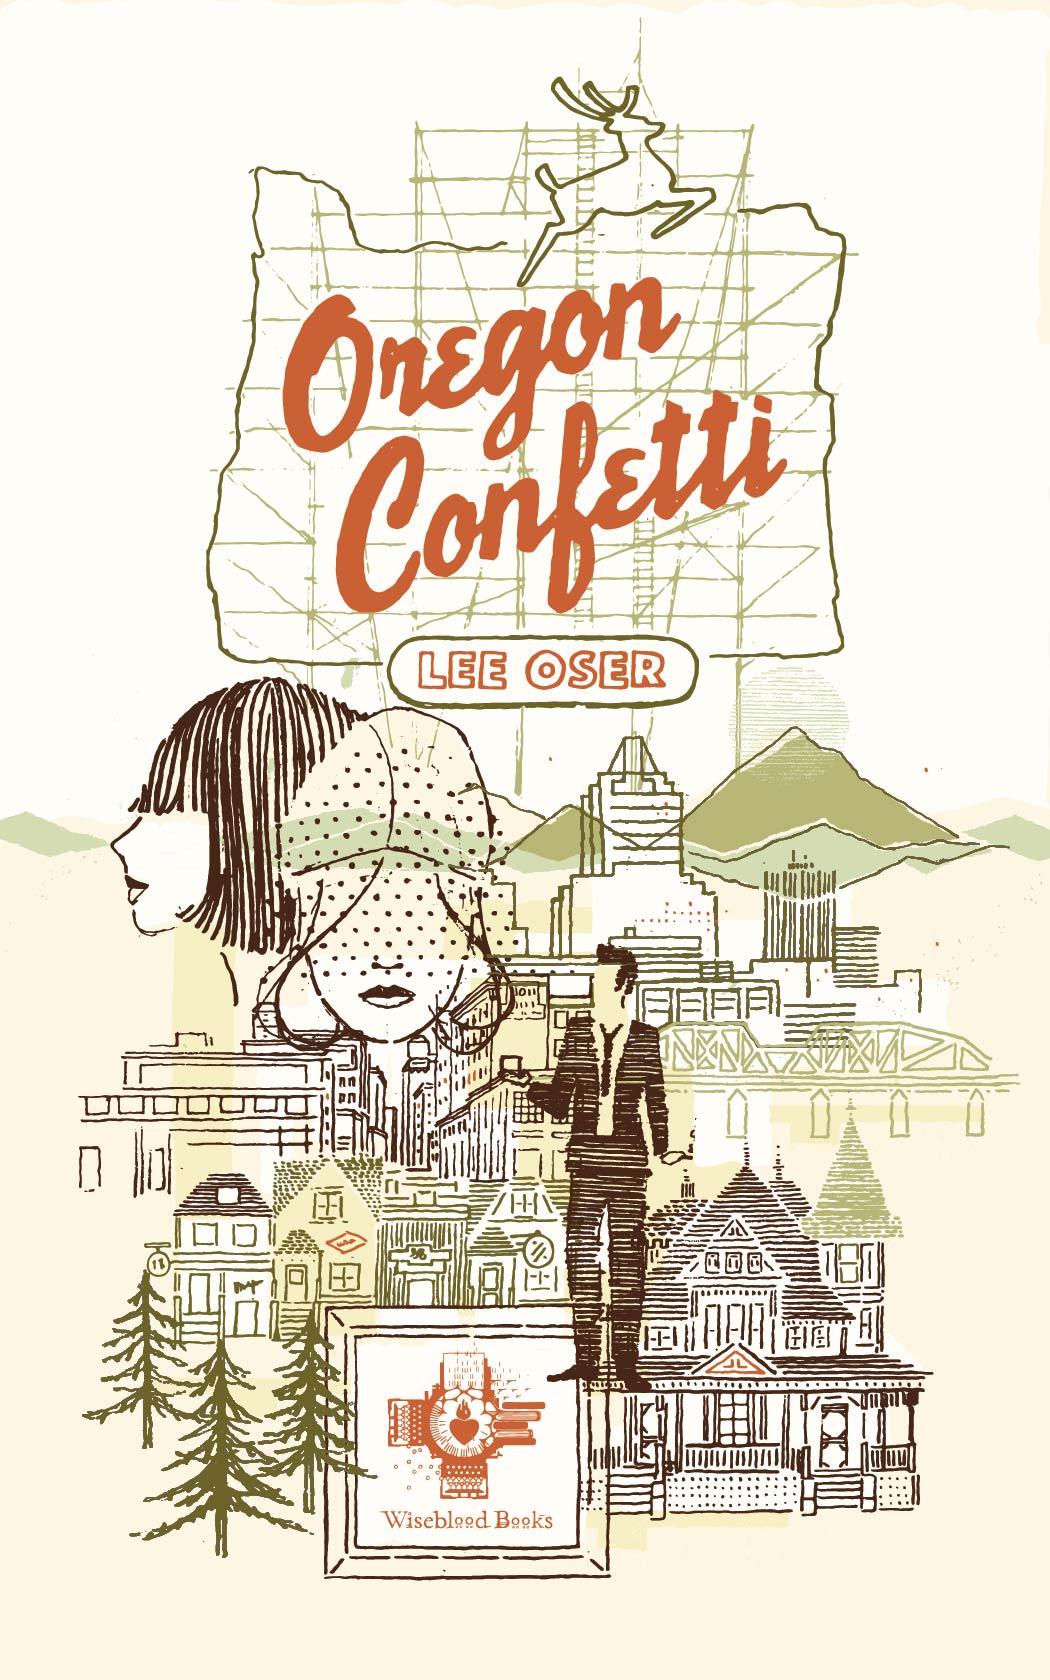 Oregon Confetti